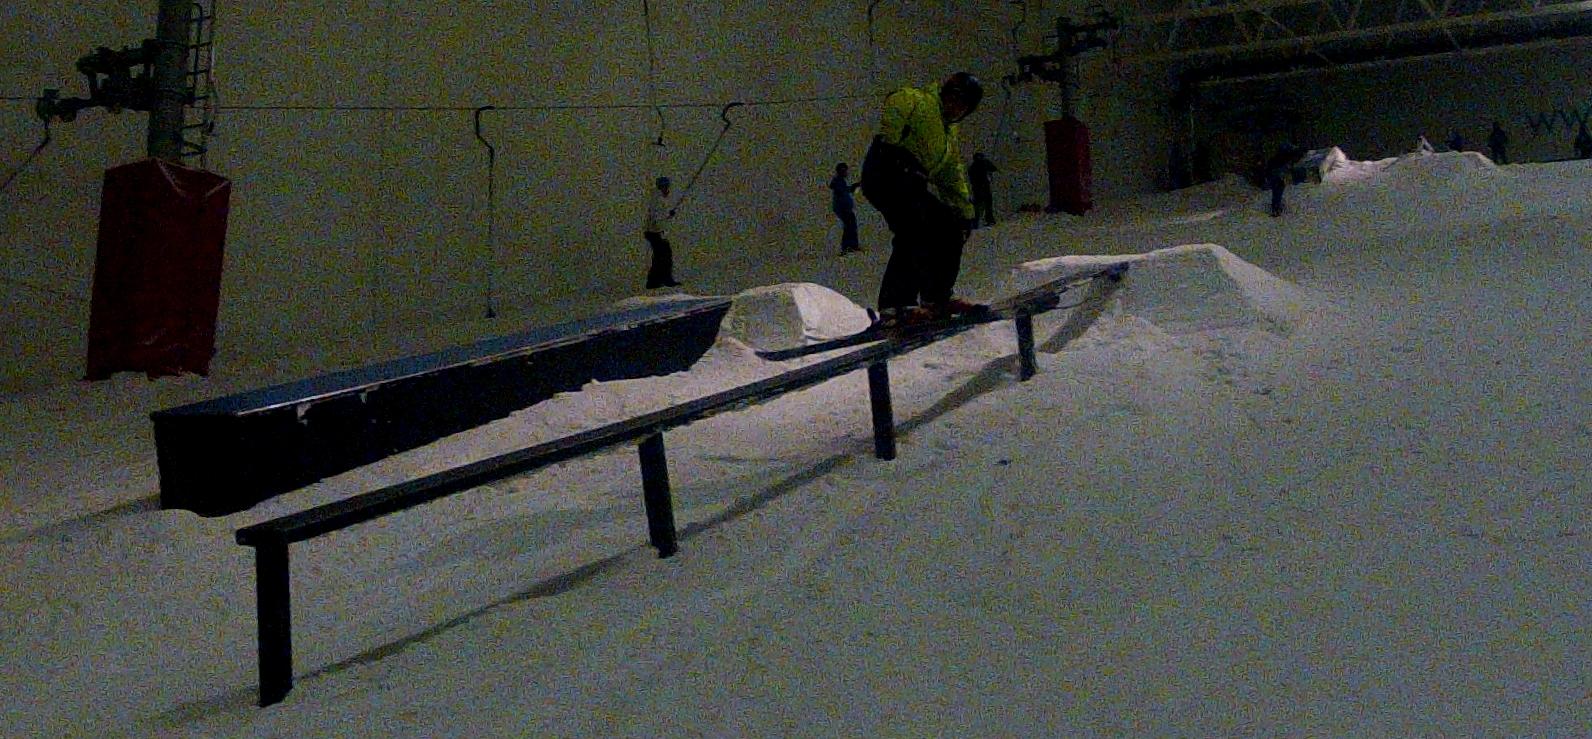 10 meter rail